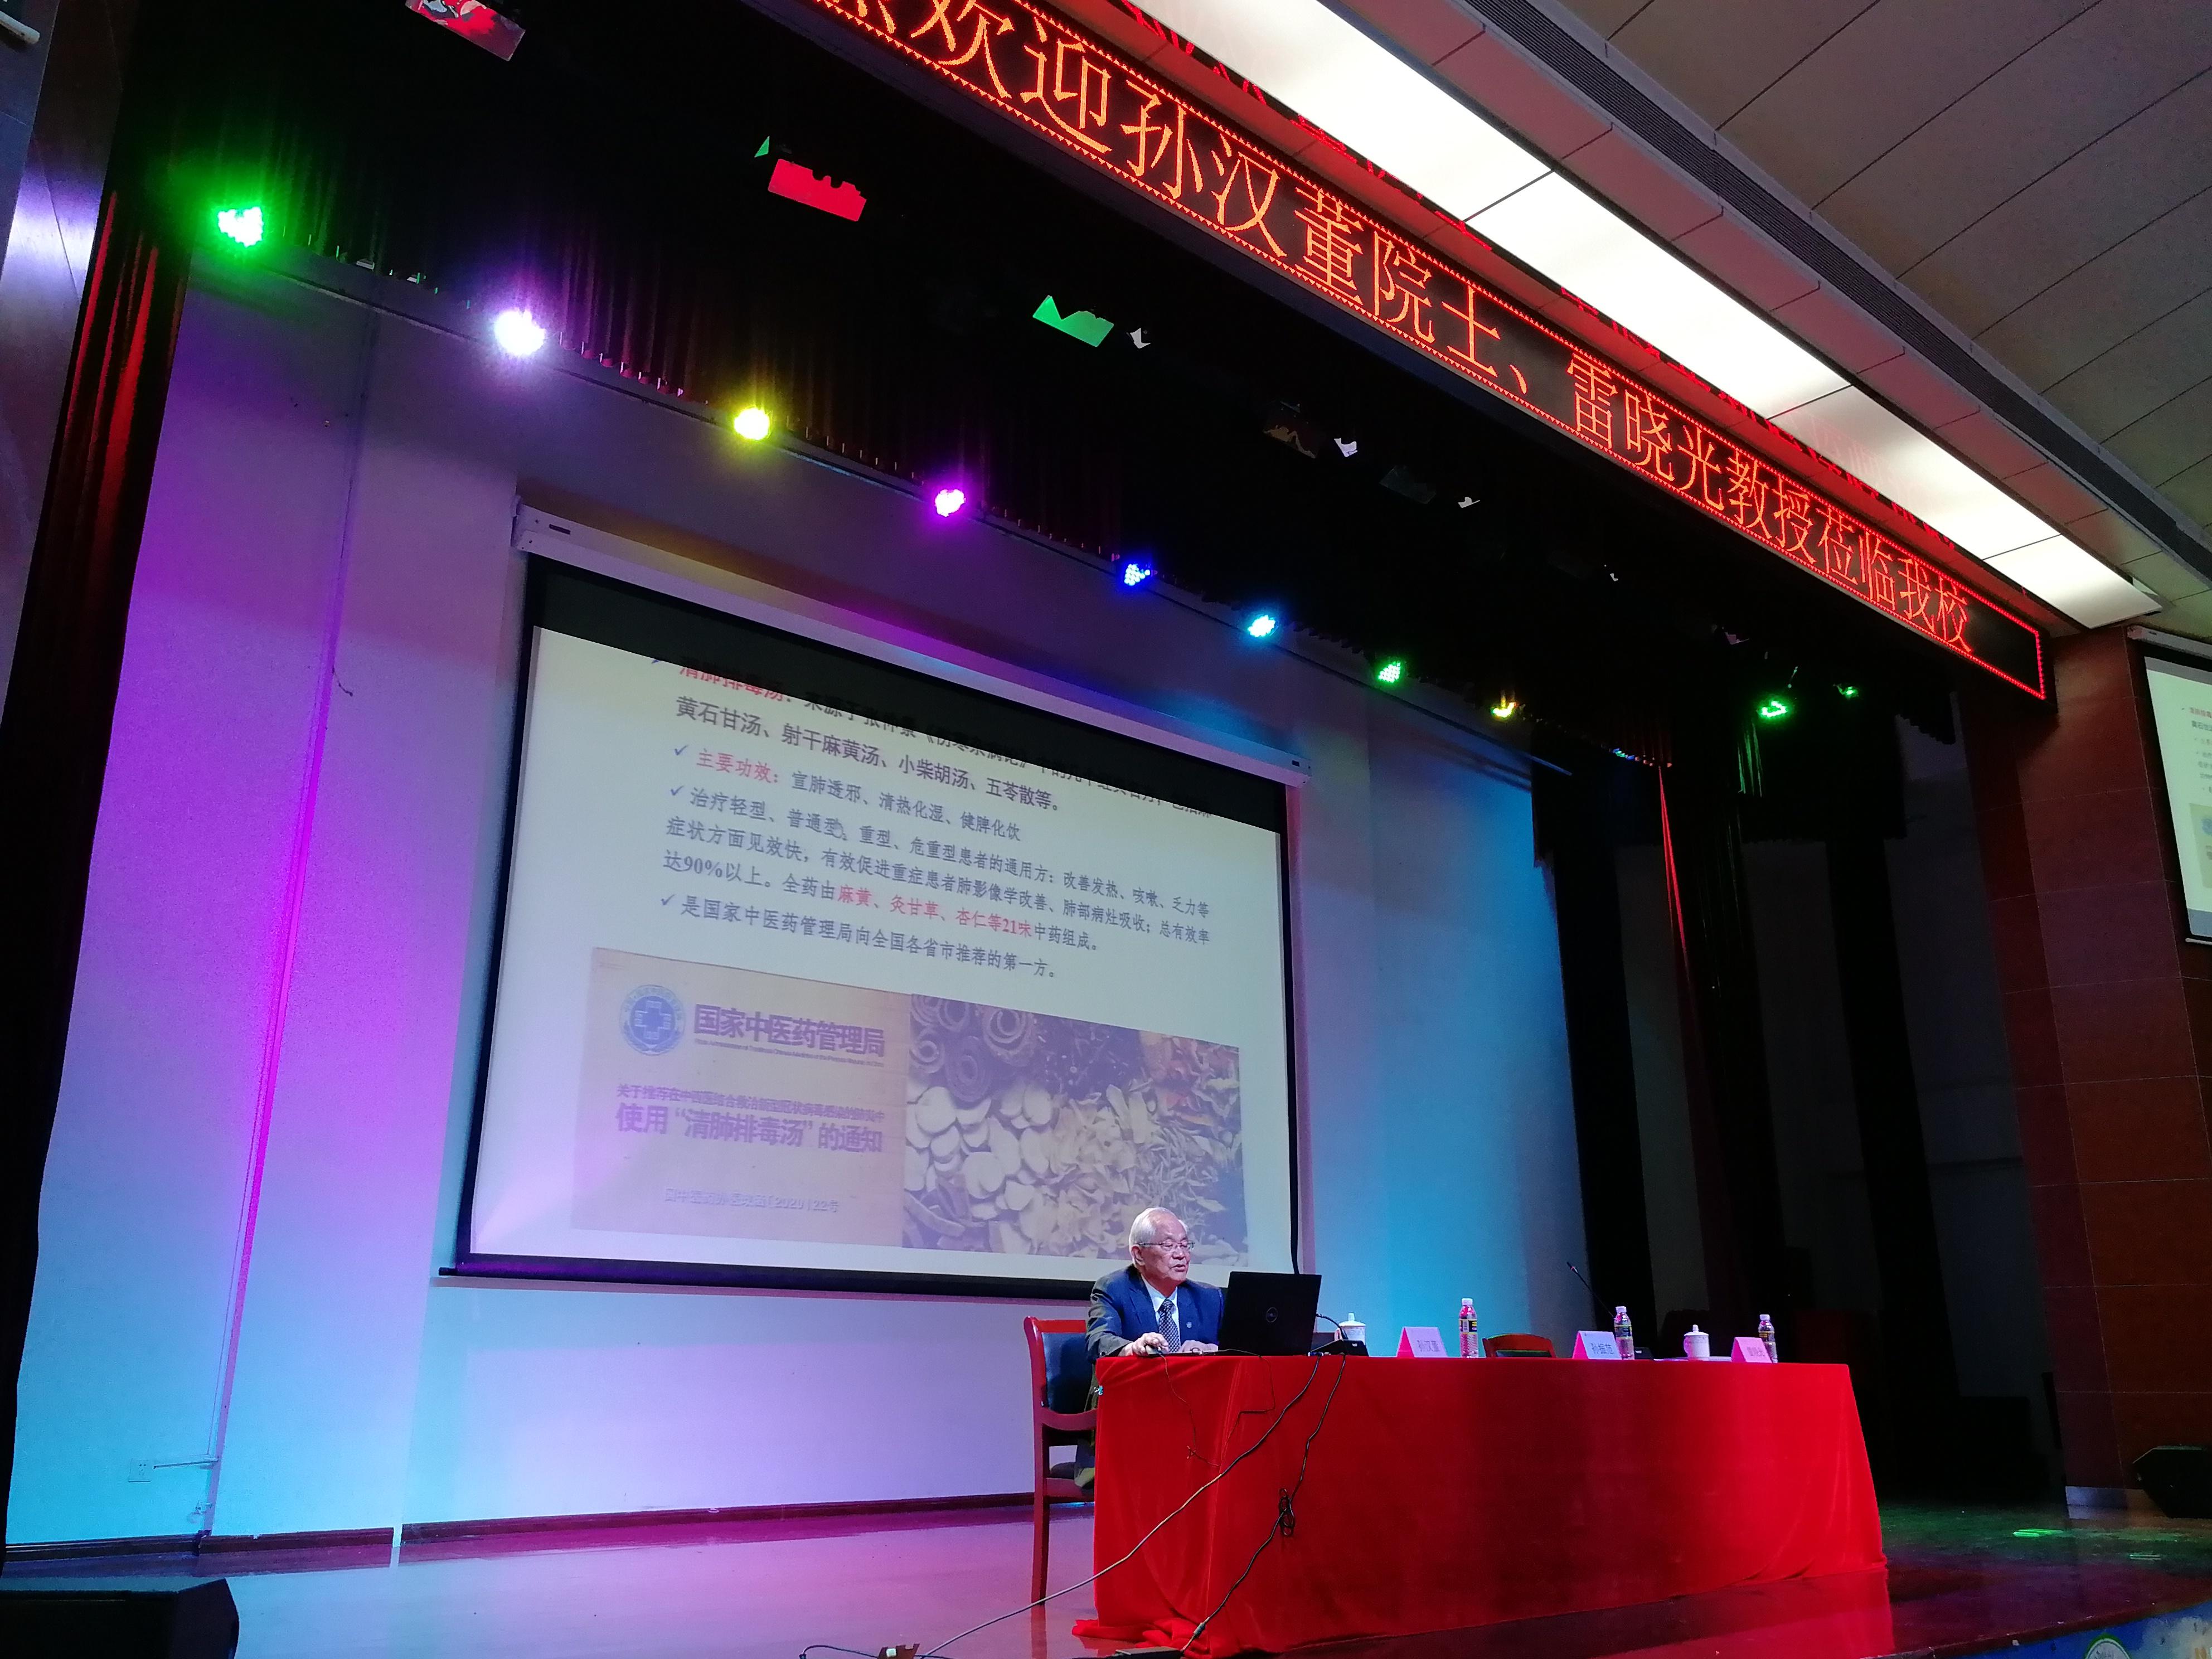 实验室邀请中科院孙汉董院士、北京大学雷晓光教授到我校进行学术交流